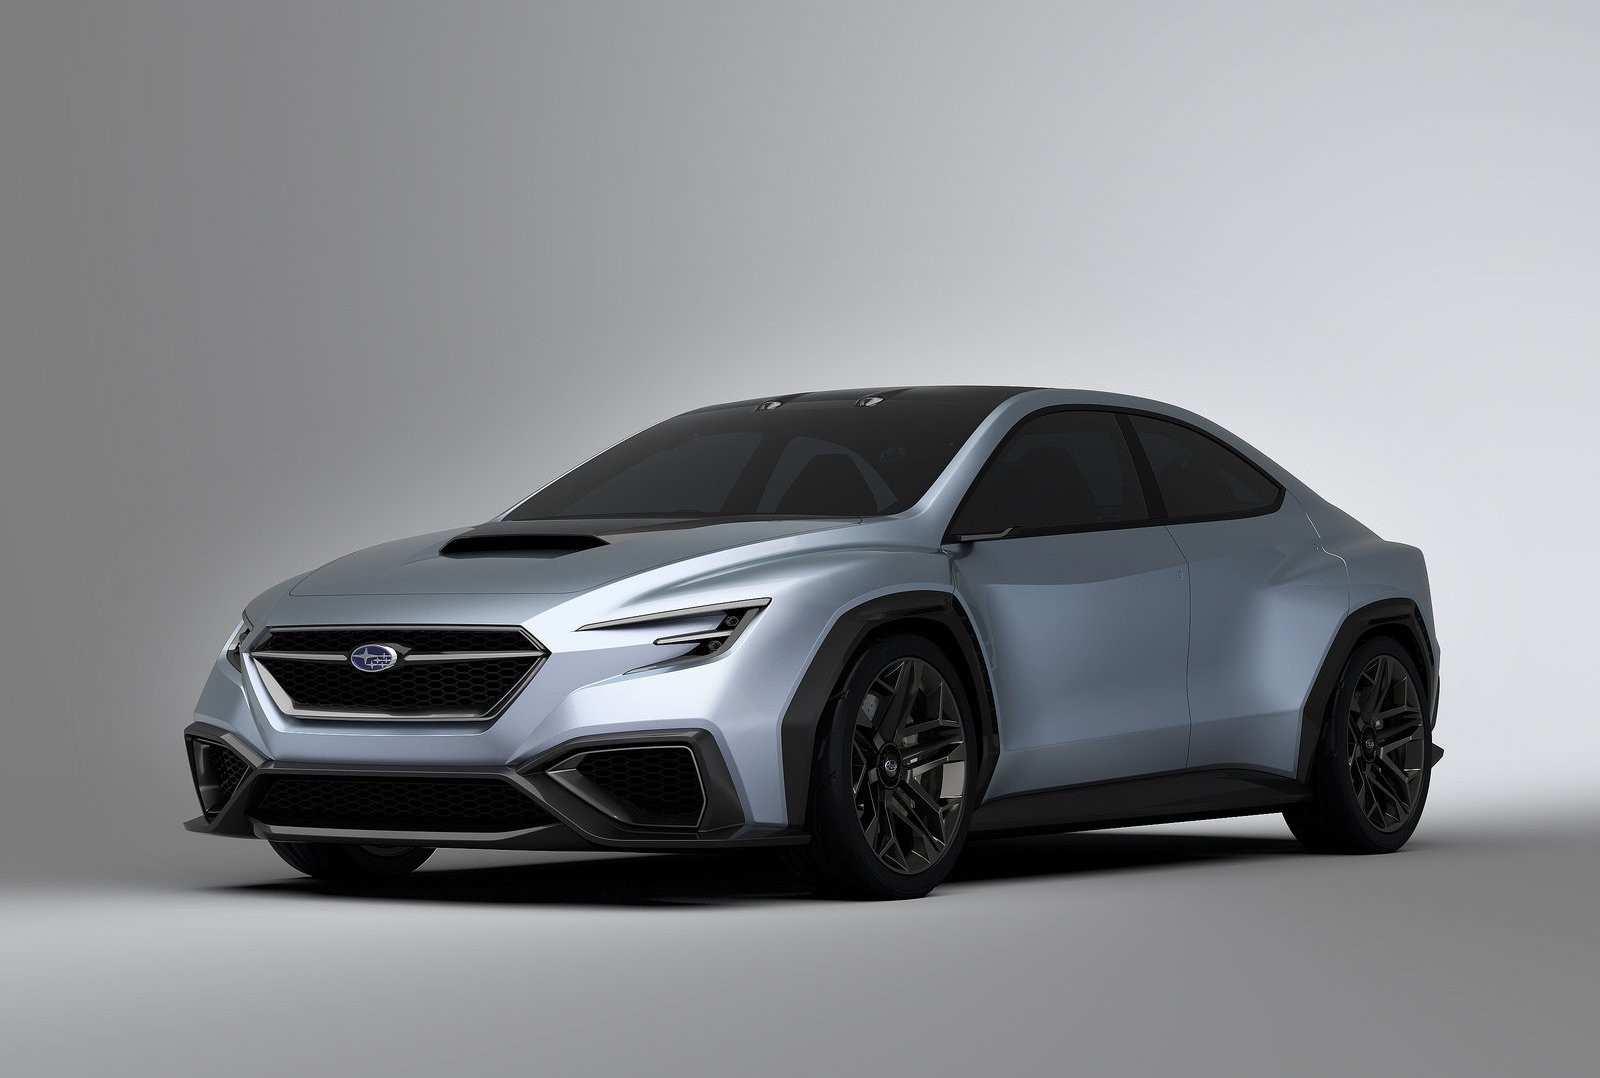 15 Best Review 2020 Subaru Wrx Exterior Model with 2020 Subaru Wrx Exterior